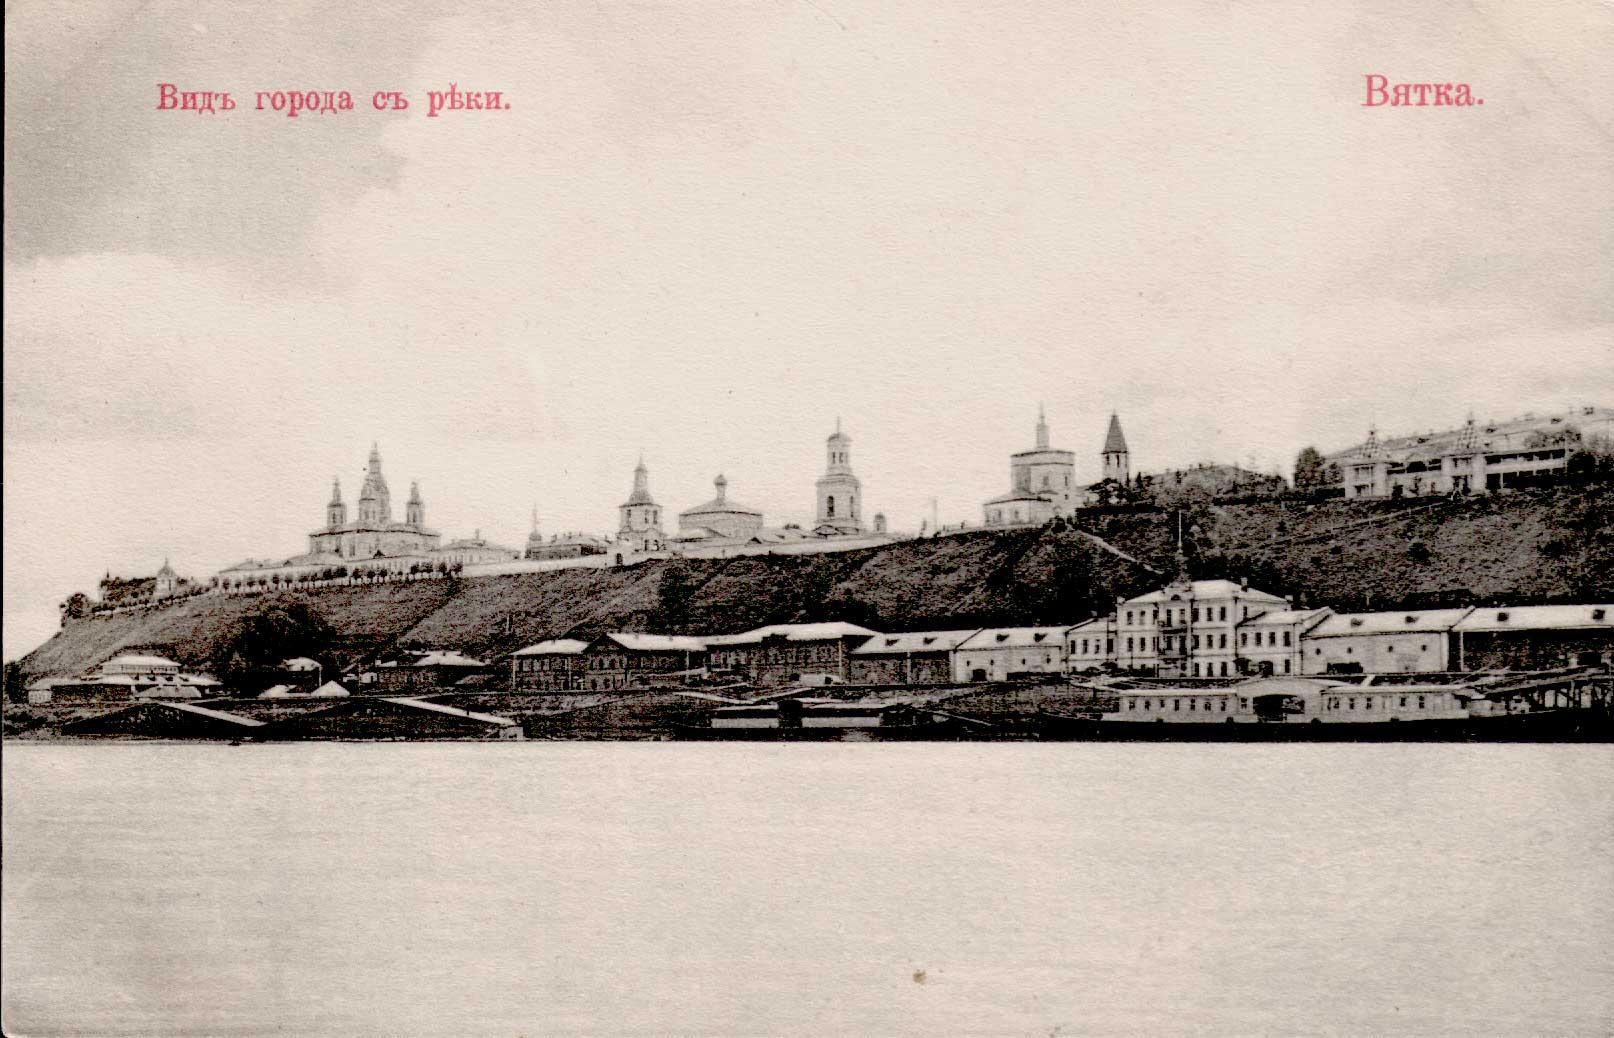 Вид города с реки